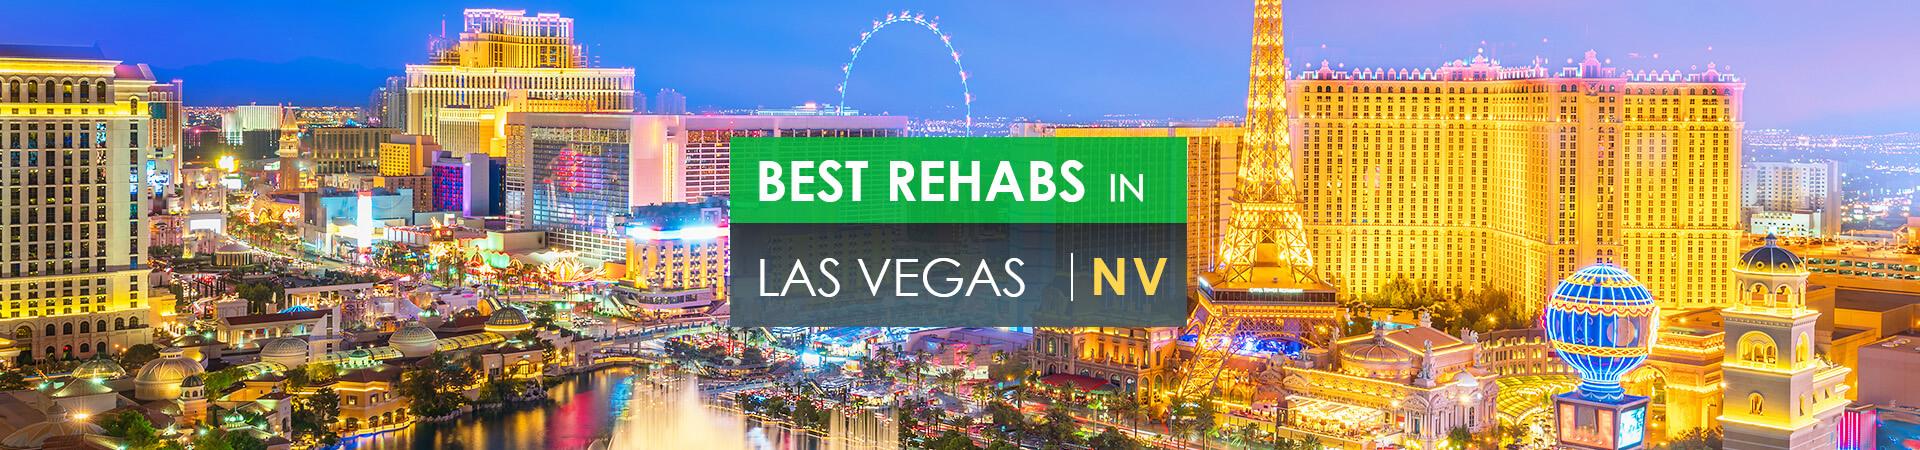 Best rehabs in Las Vegas, NV